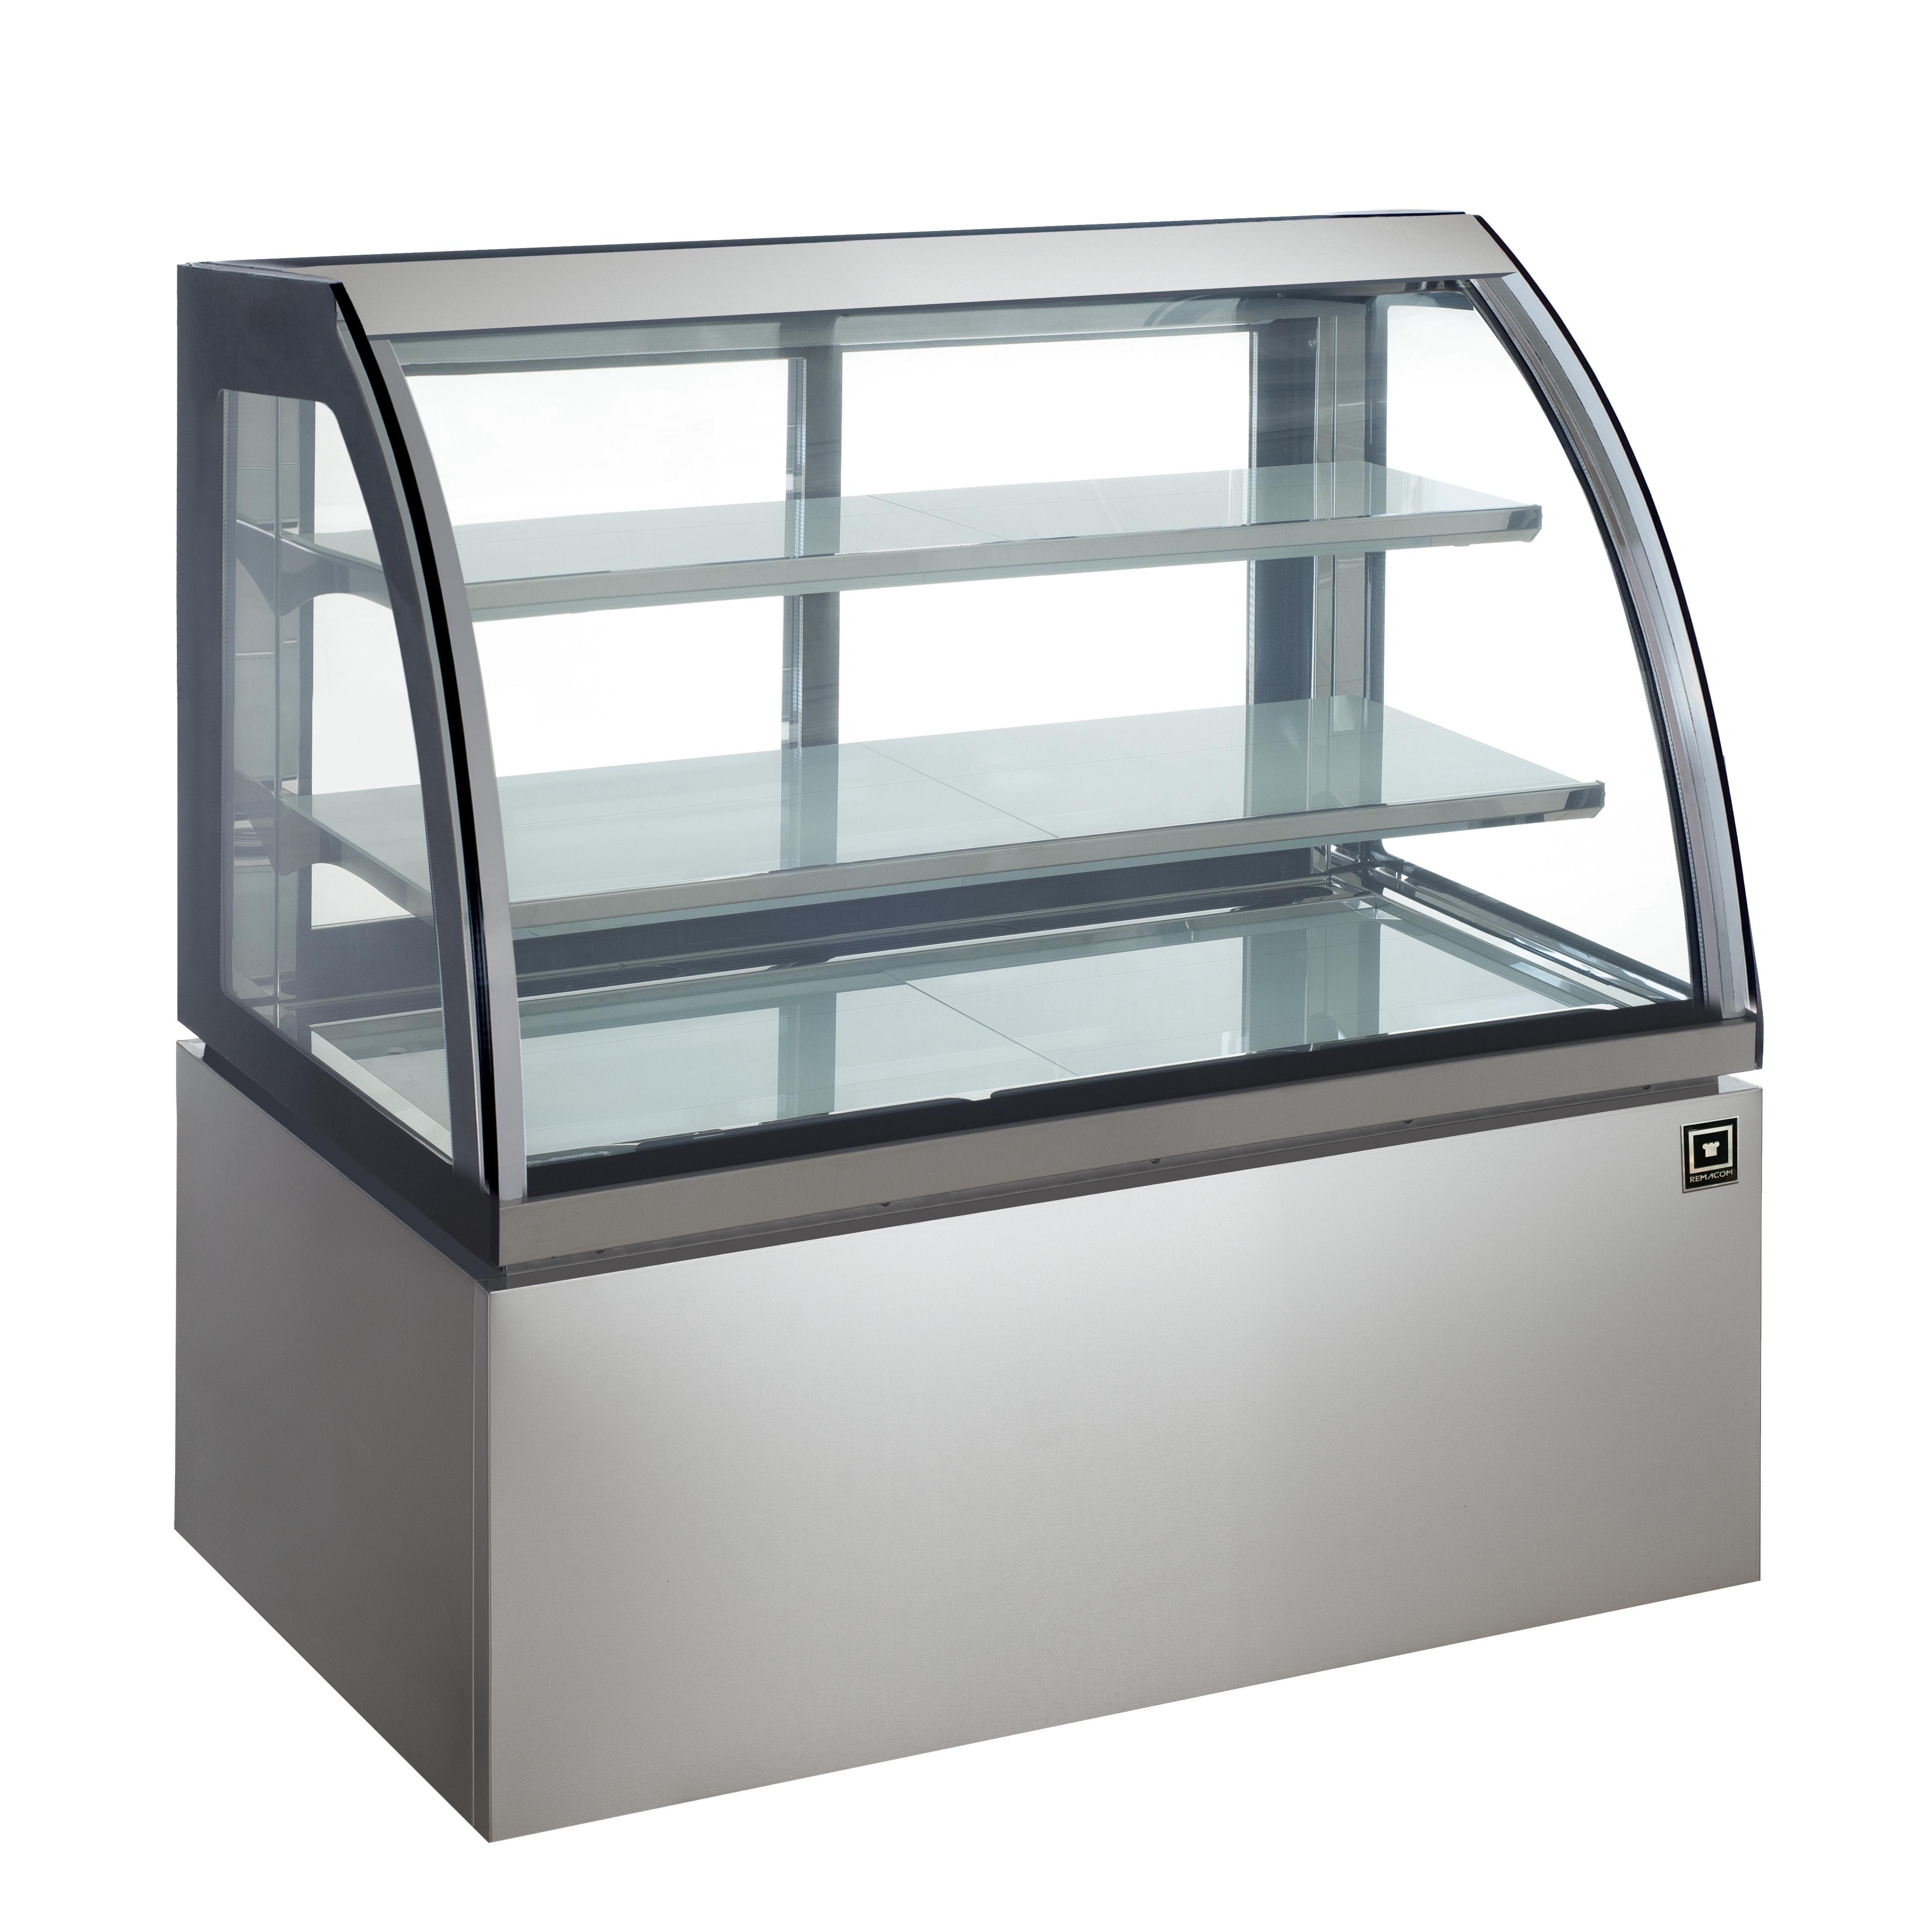 対面冷蔵ショーケース LED仕様 3段(中棚2段)幅1200mmタイプ RCS-K120S2L